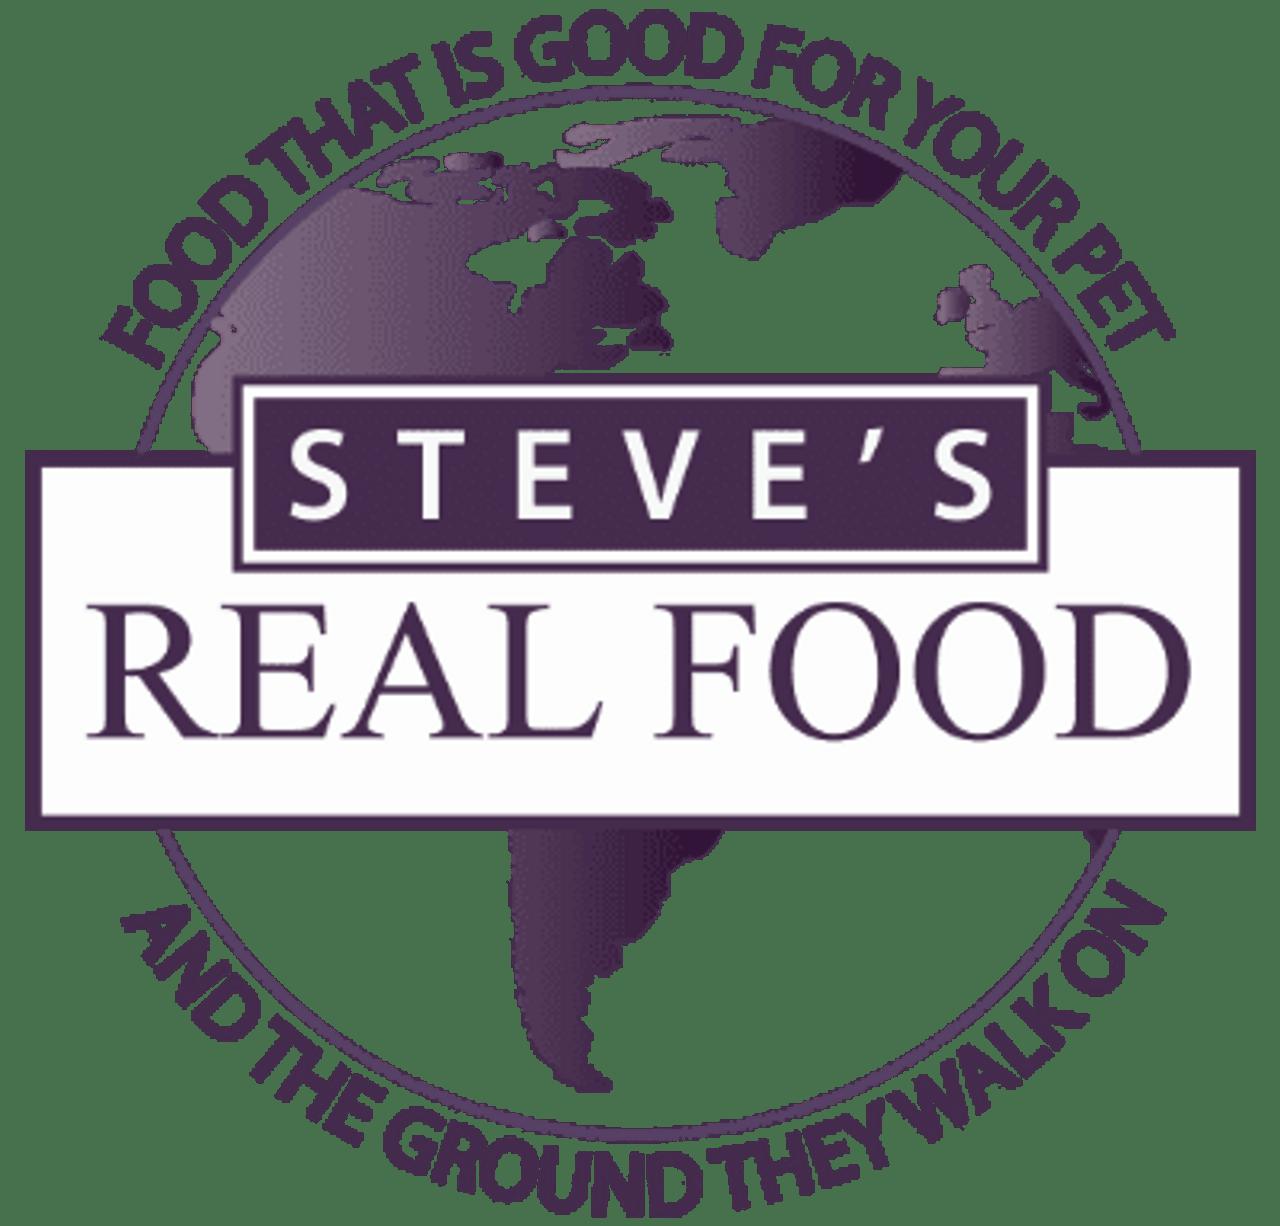 Steves Real Food